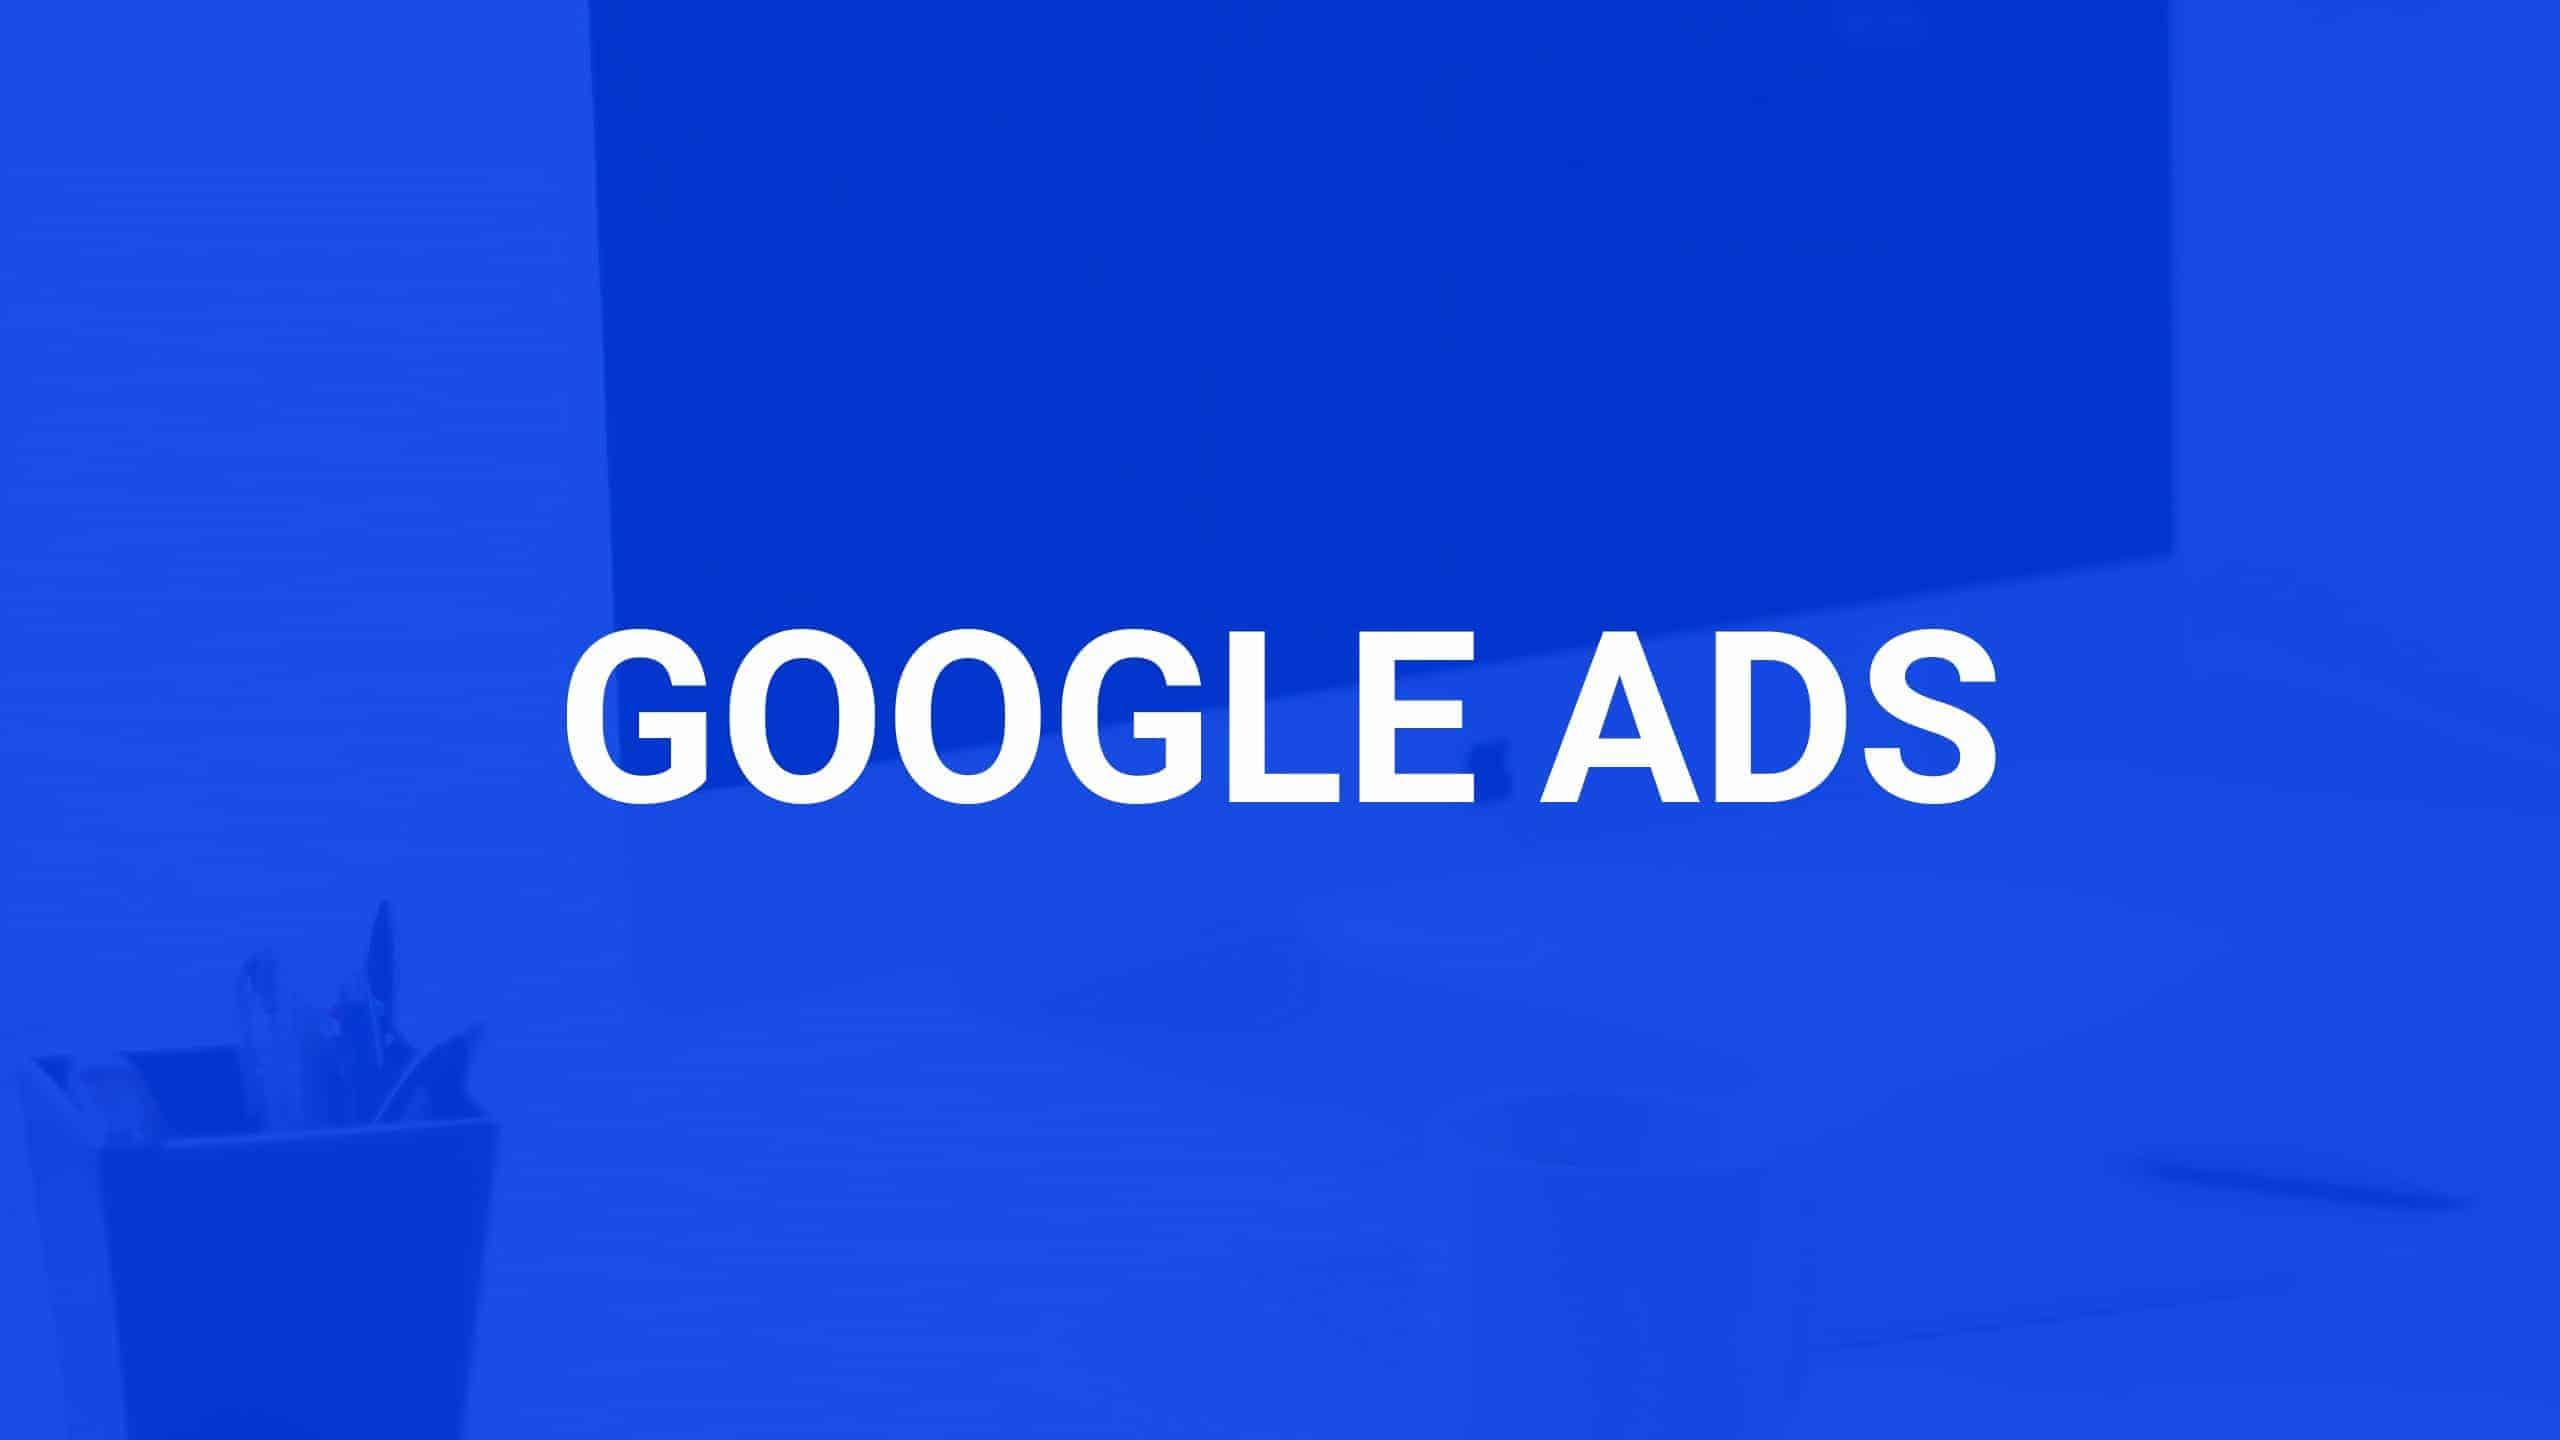 Google blokuje reklamy - Dlaczego i jakie? 6